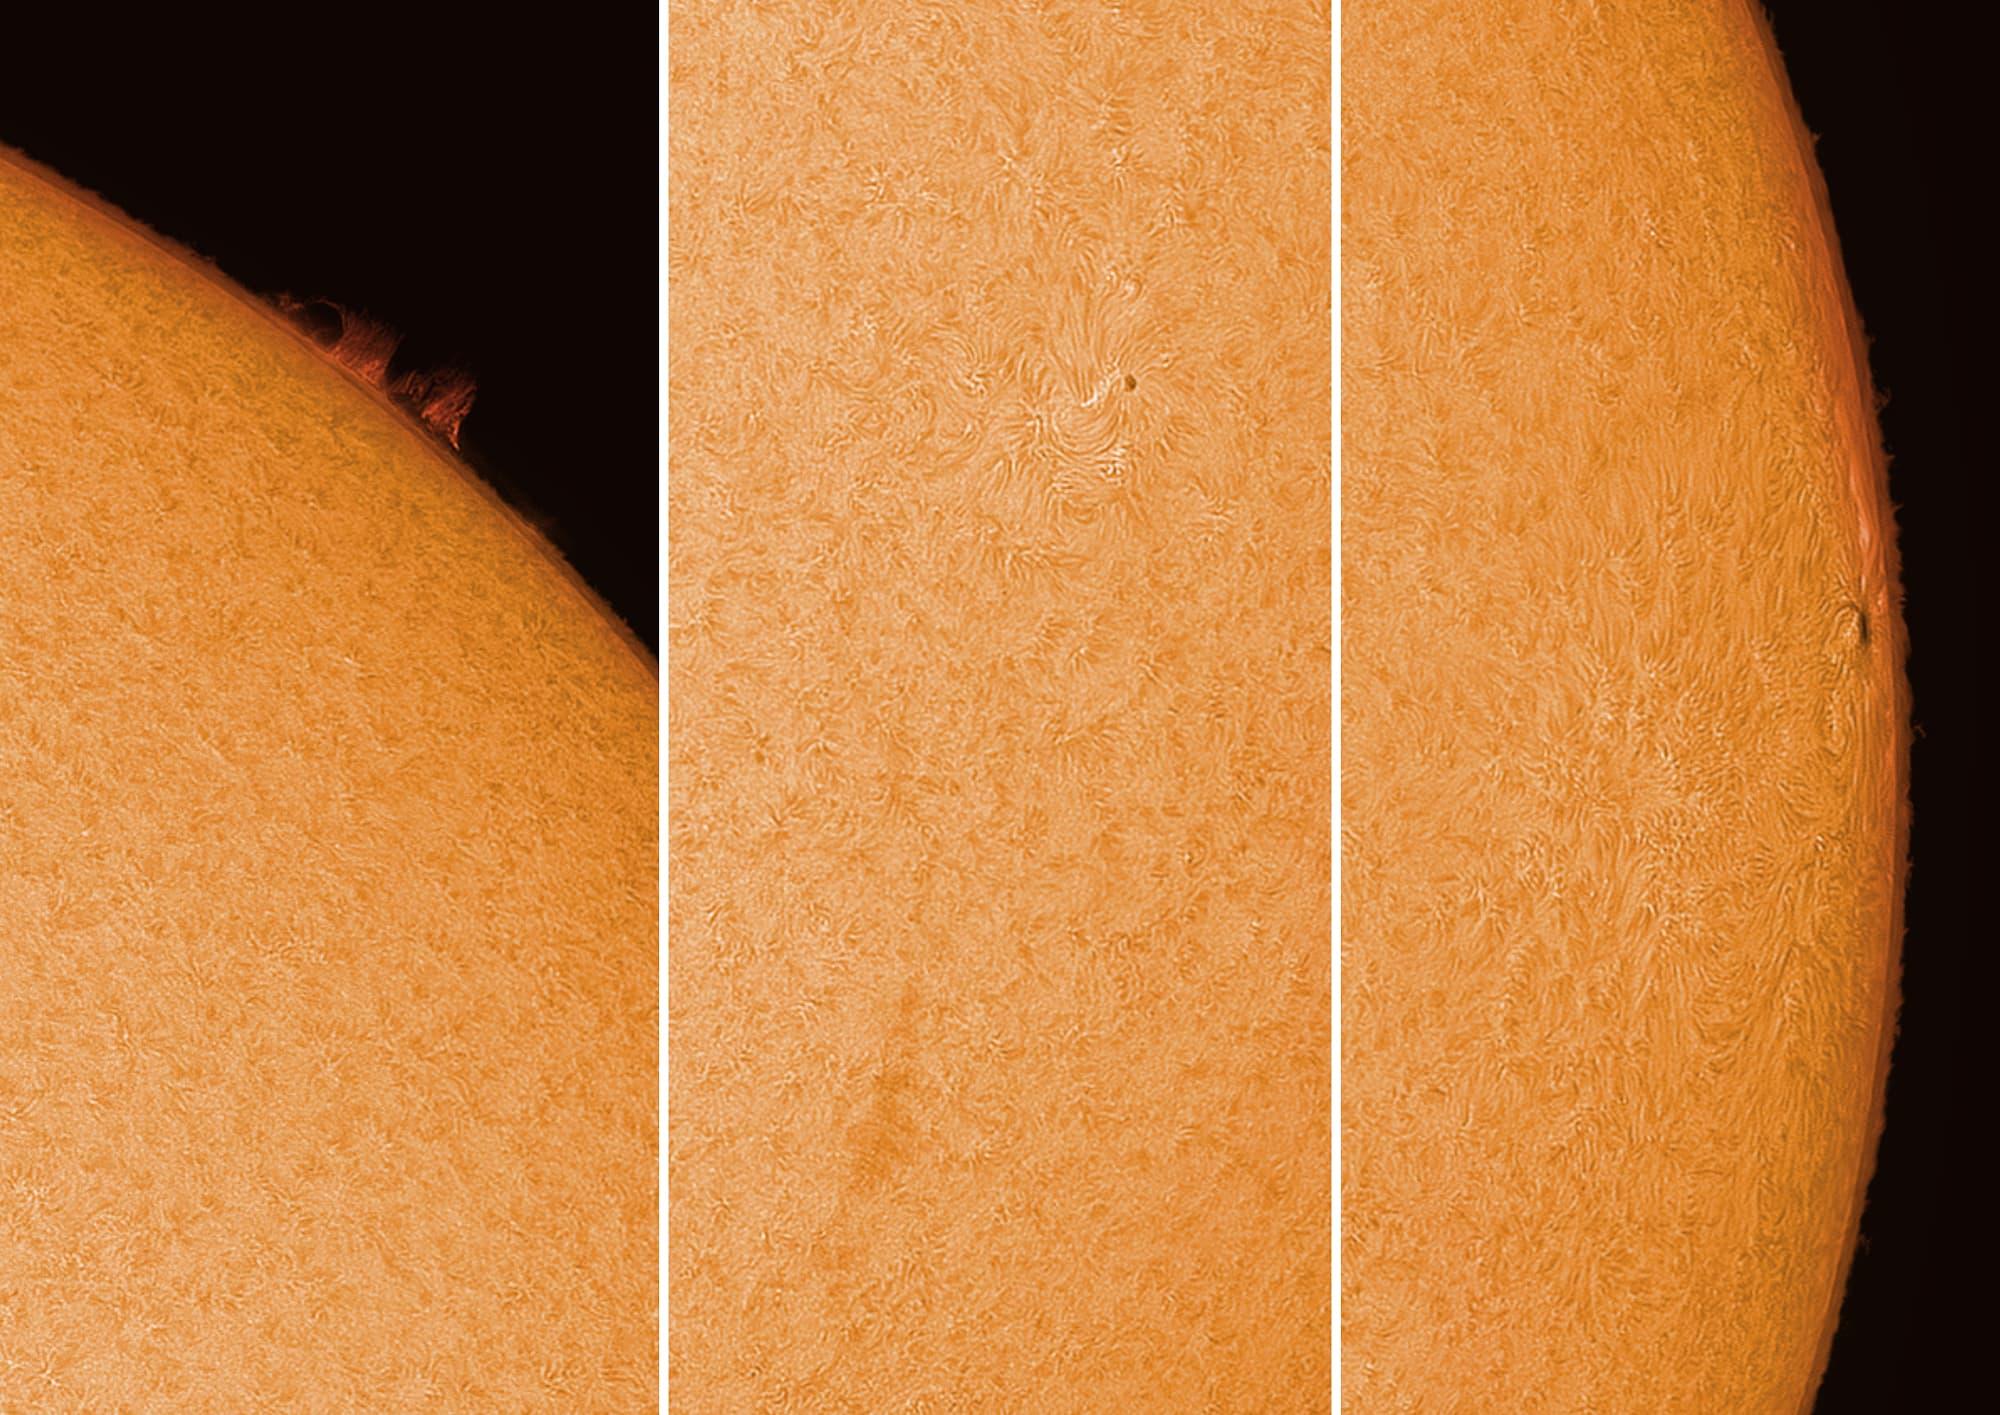 Sonne im H-Alpha-Licht am Karfreitag - 2